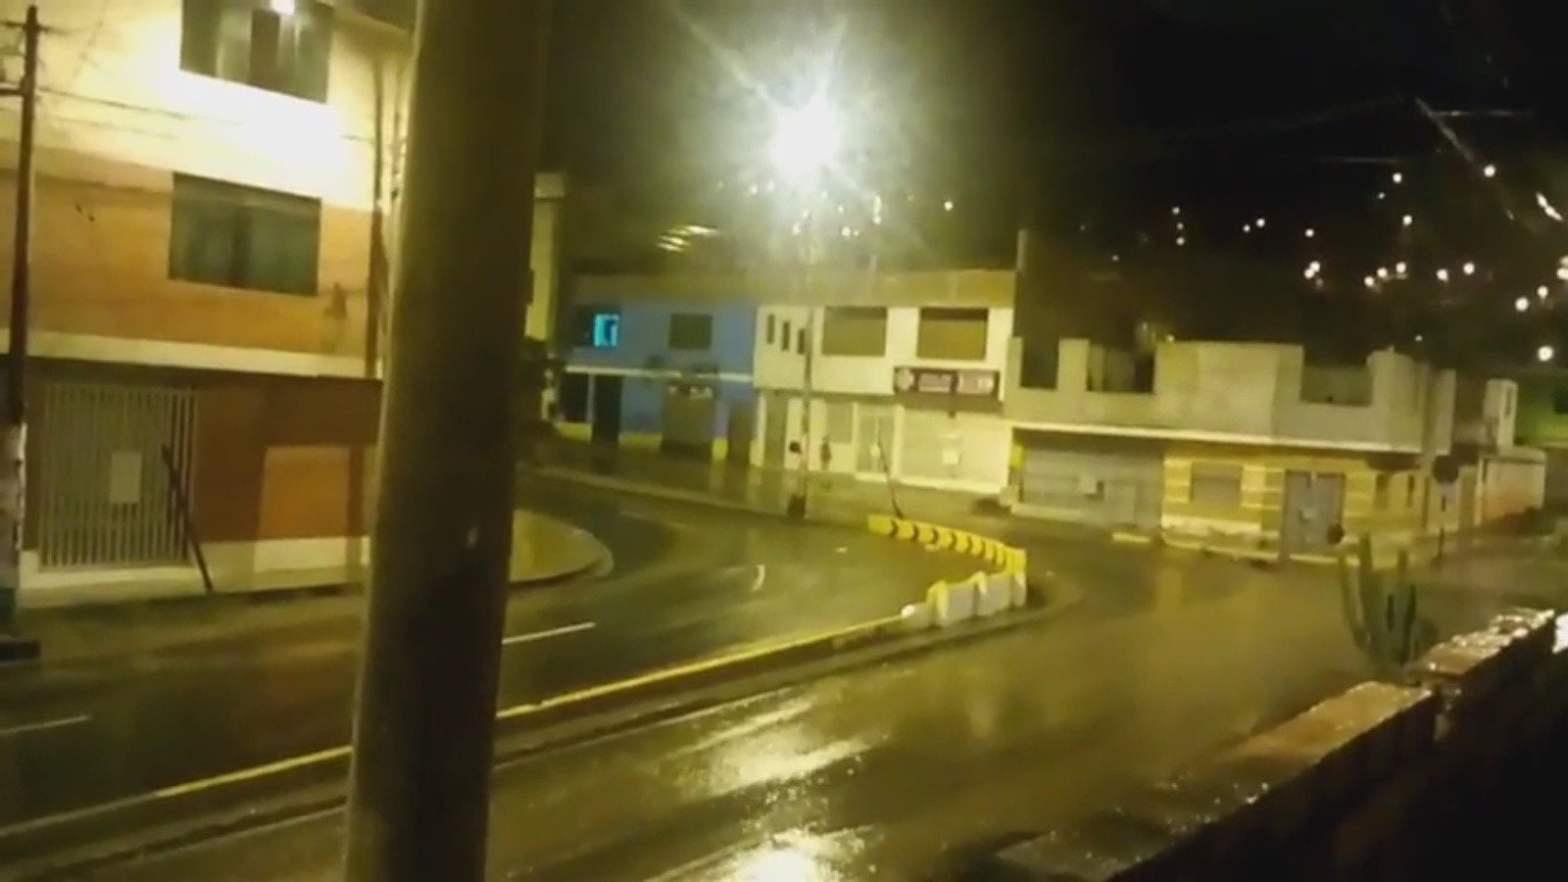 Lluvia de verano inundó calles, avenidas y provocó aniegos [VIDEO]